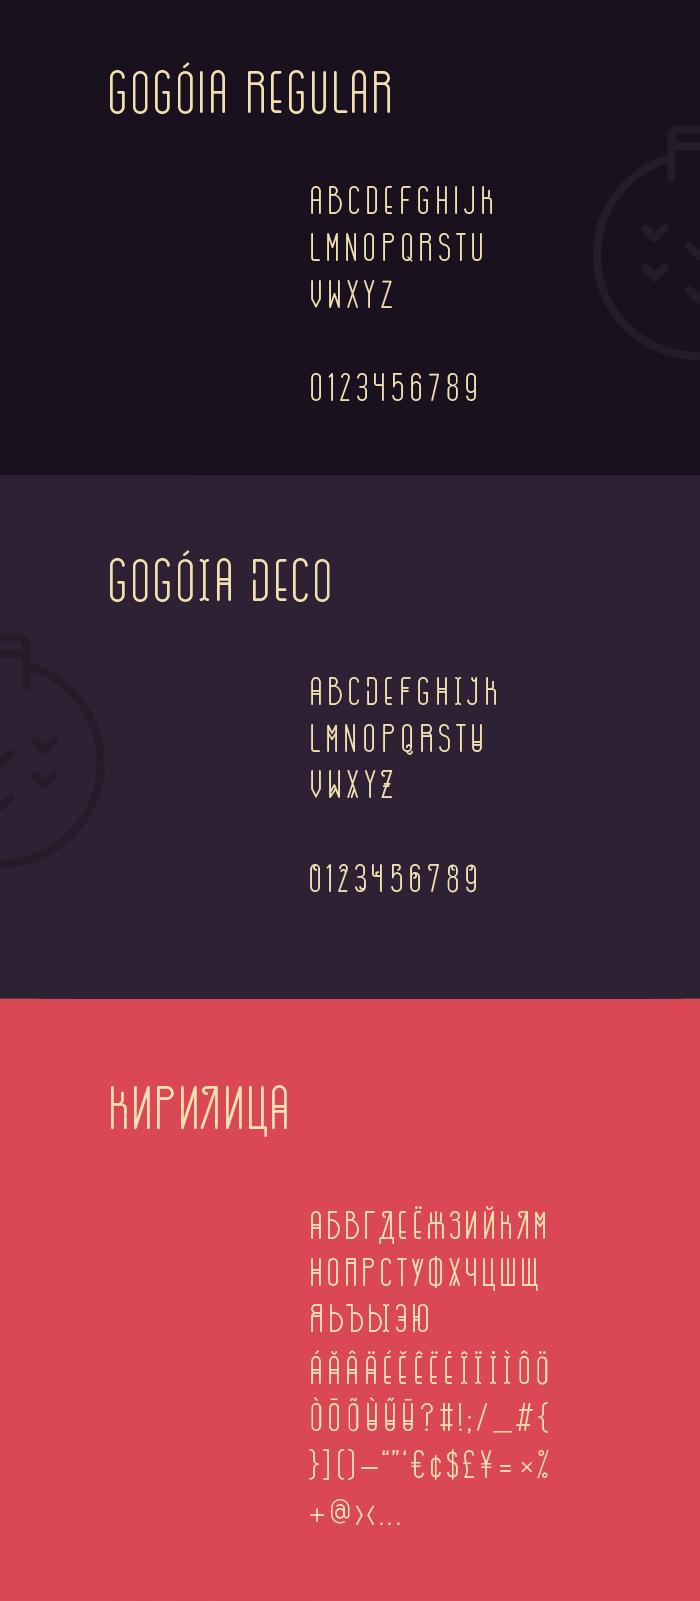 gogoia02